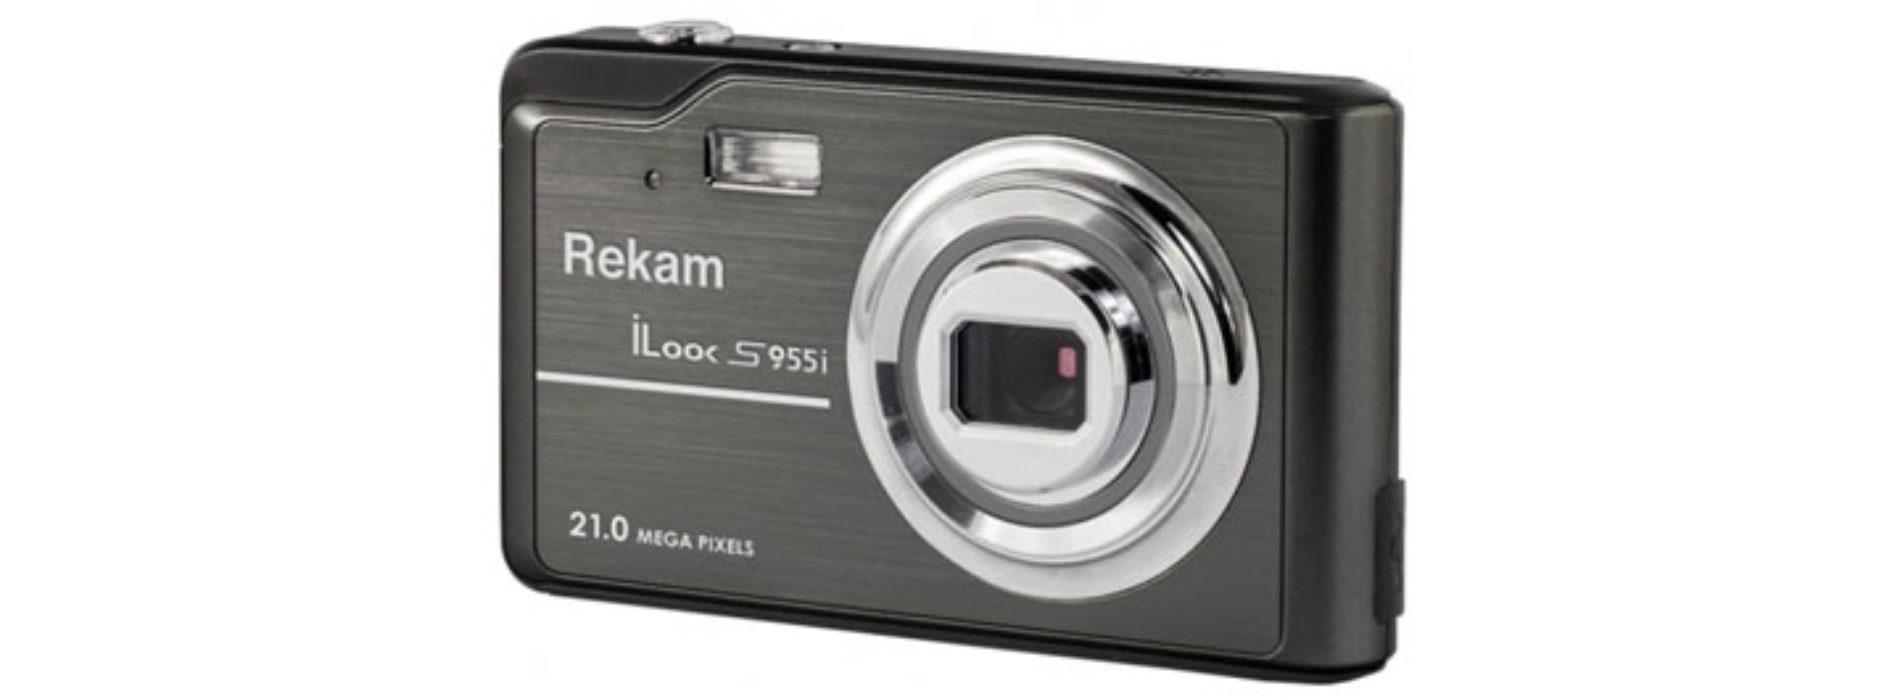 Ремонт цифровых фотоаппаратов Rekam